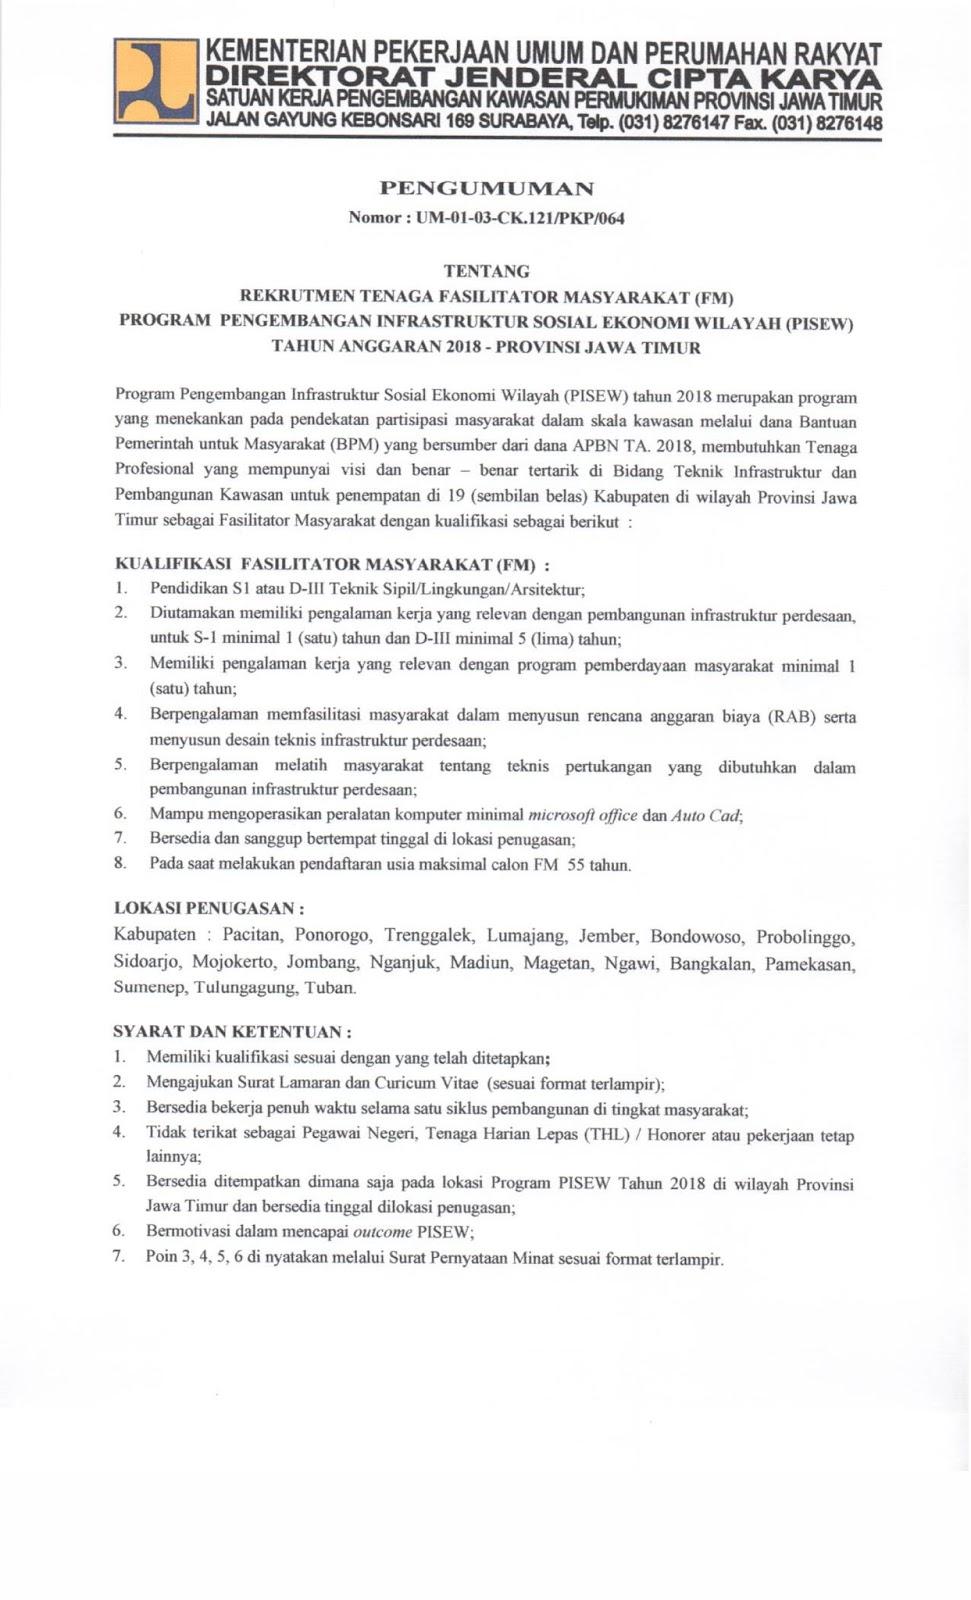 Rekrutmen Kementerian Pekerjaan Umum dan Perumahan Rakyat